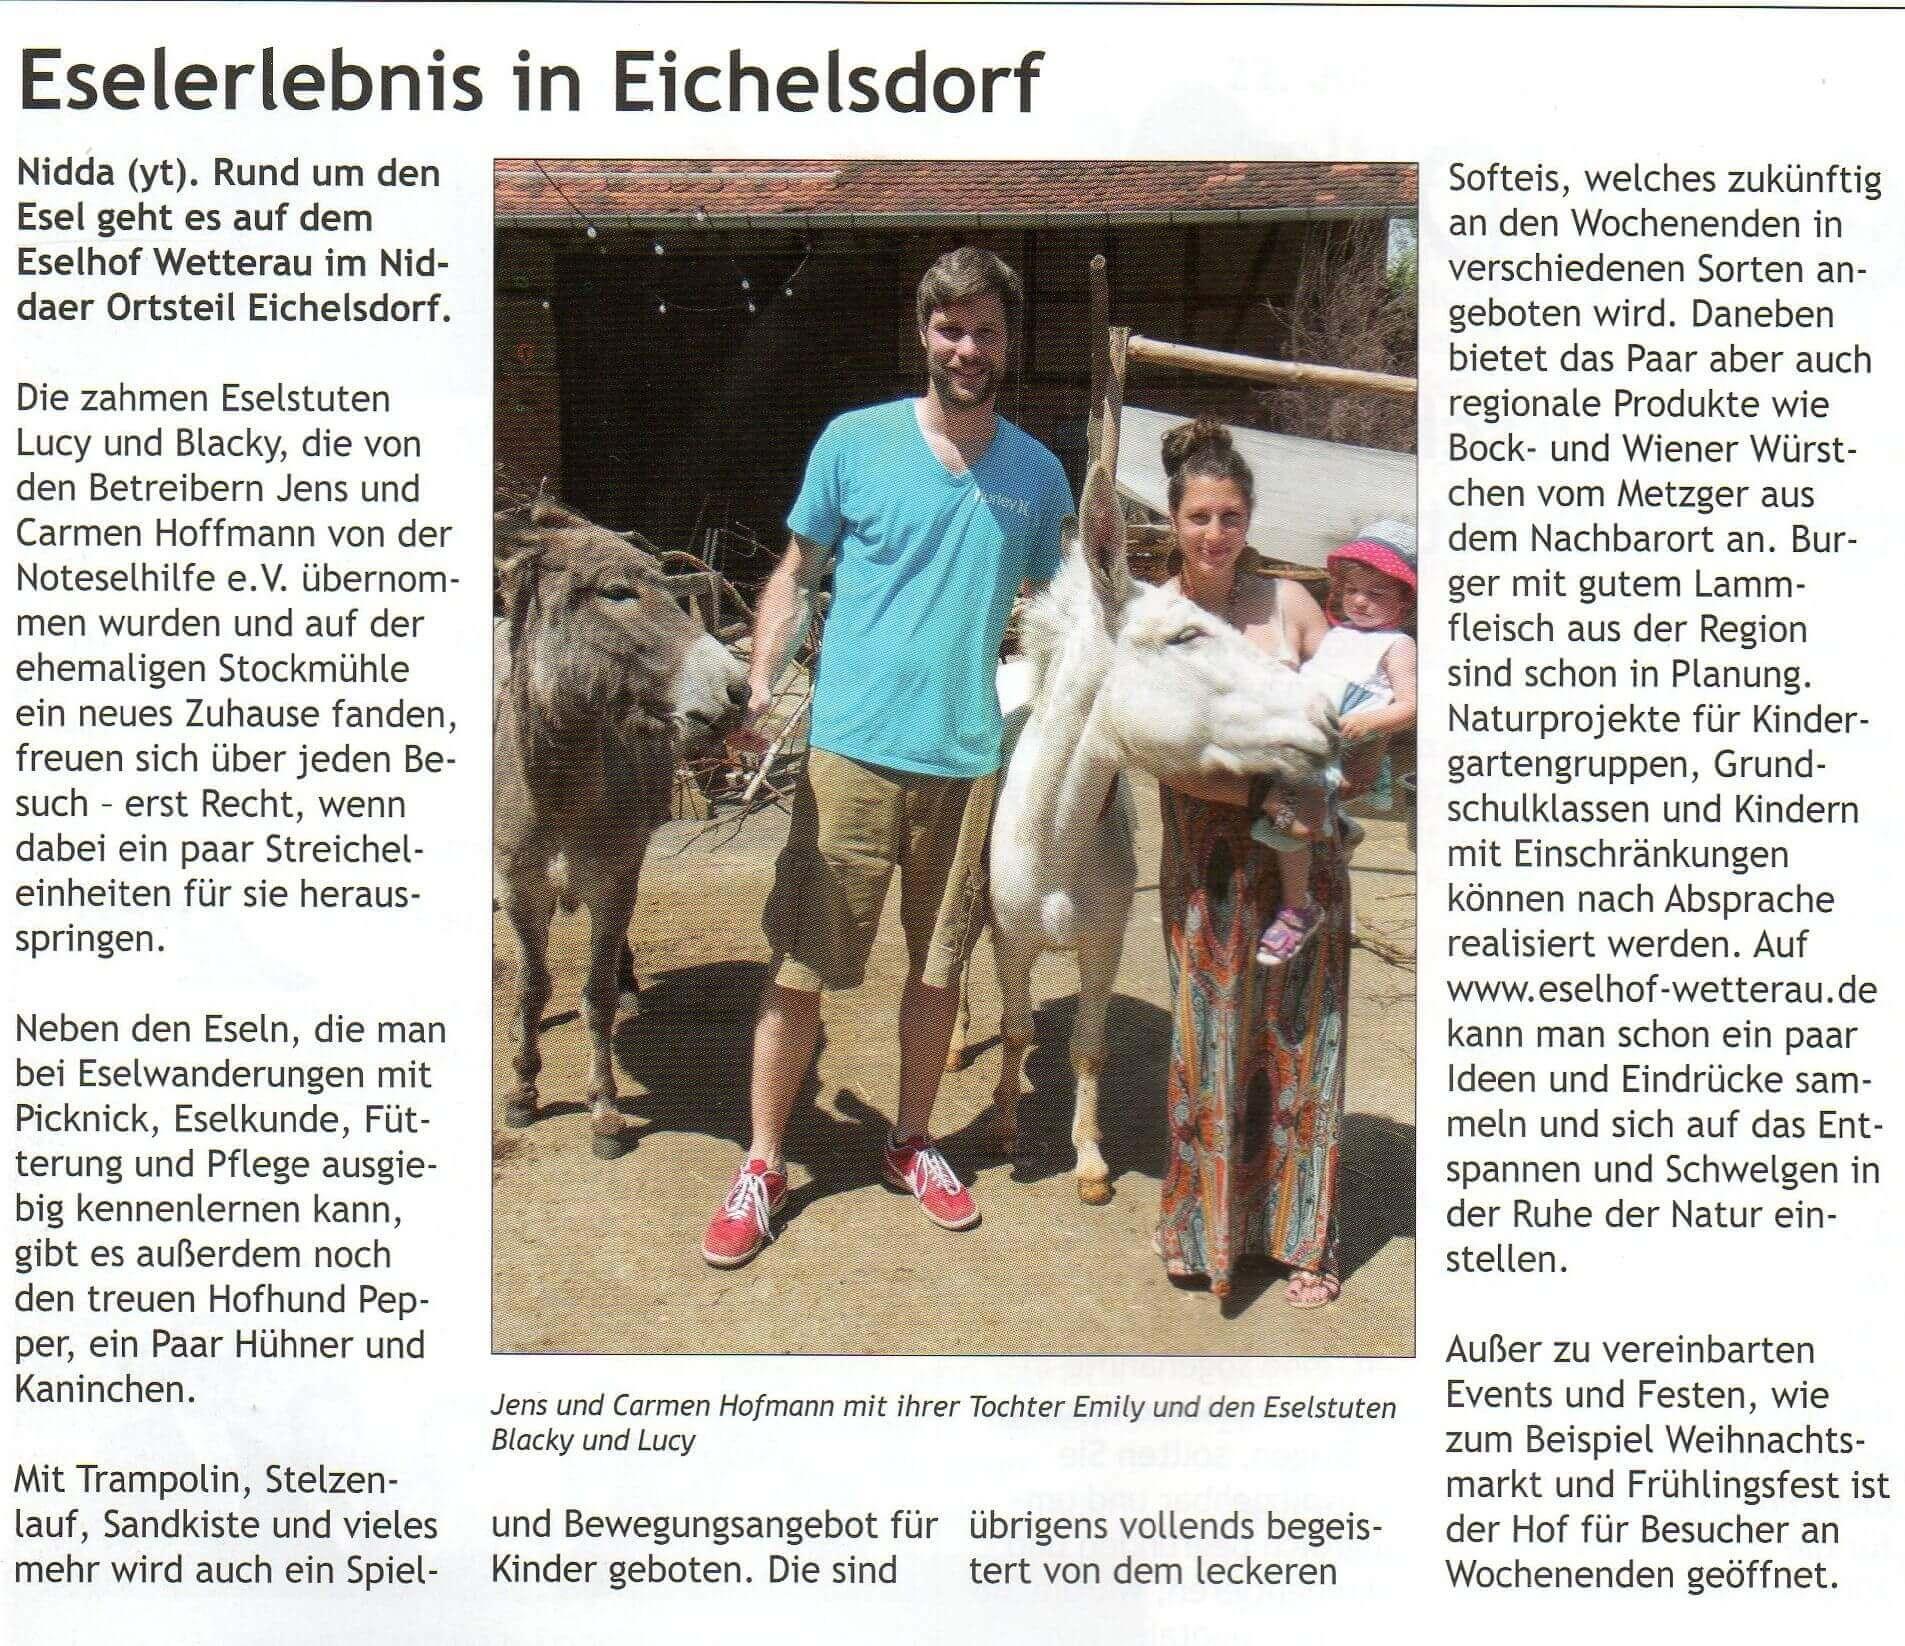 Artikel im Stadtjournal Nidda